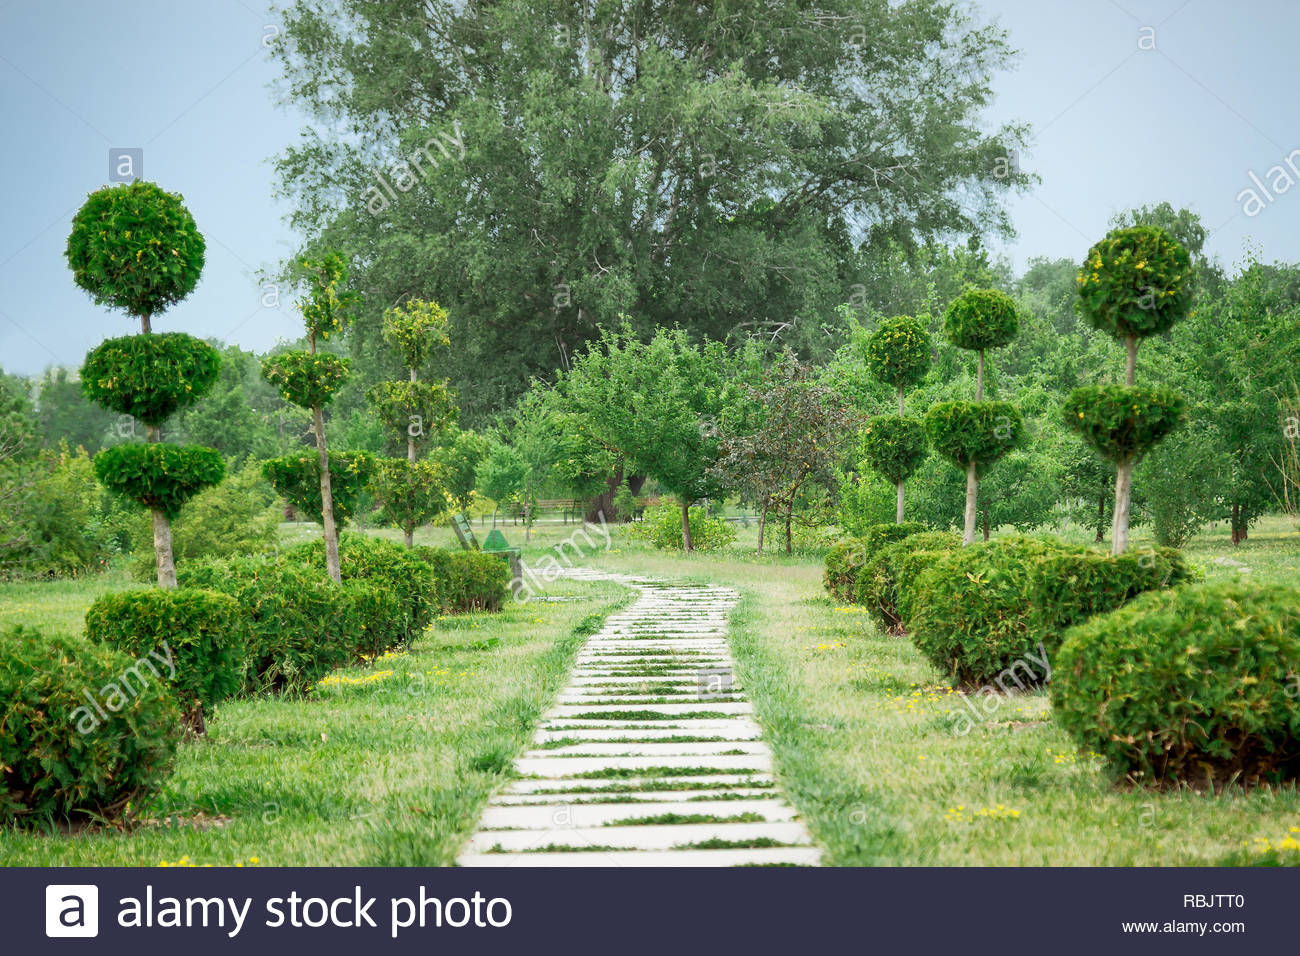 Zierbäume Im Botanischen Garten Mit Pfad Landschaftsgestaltung